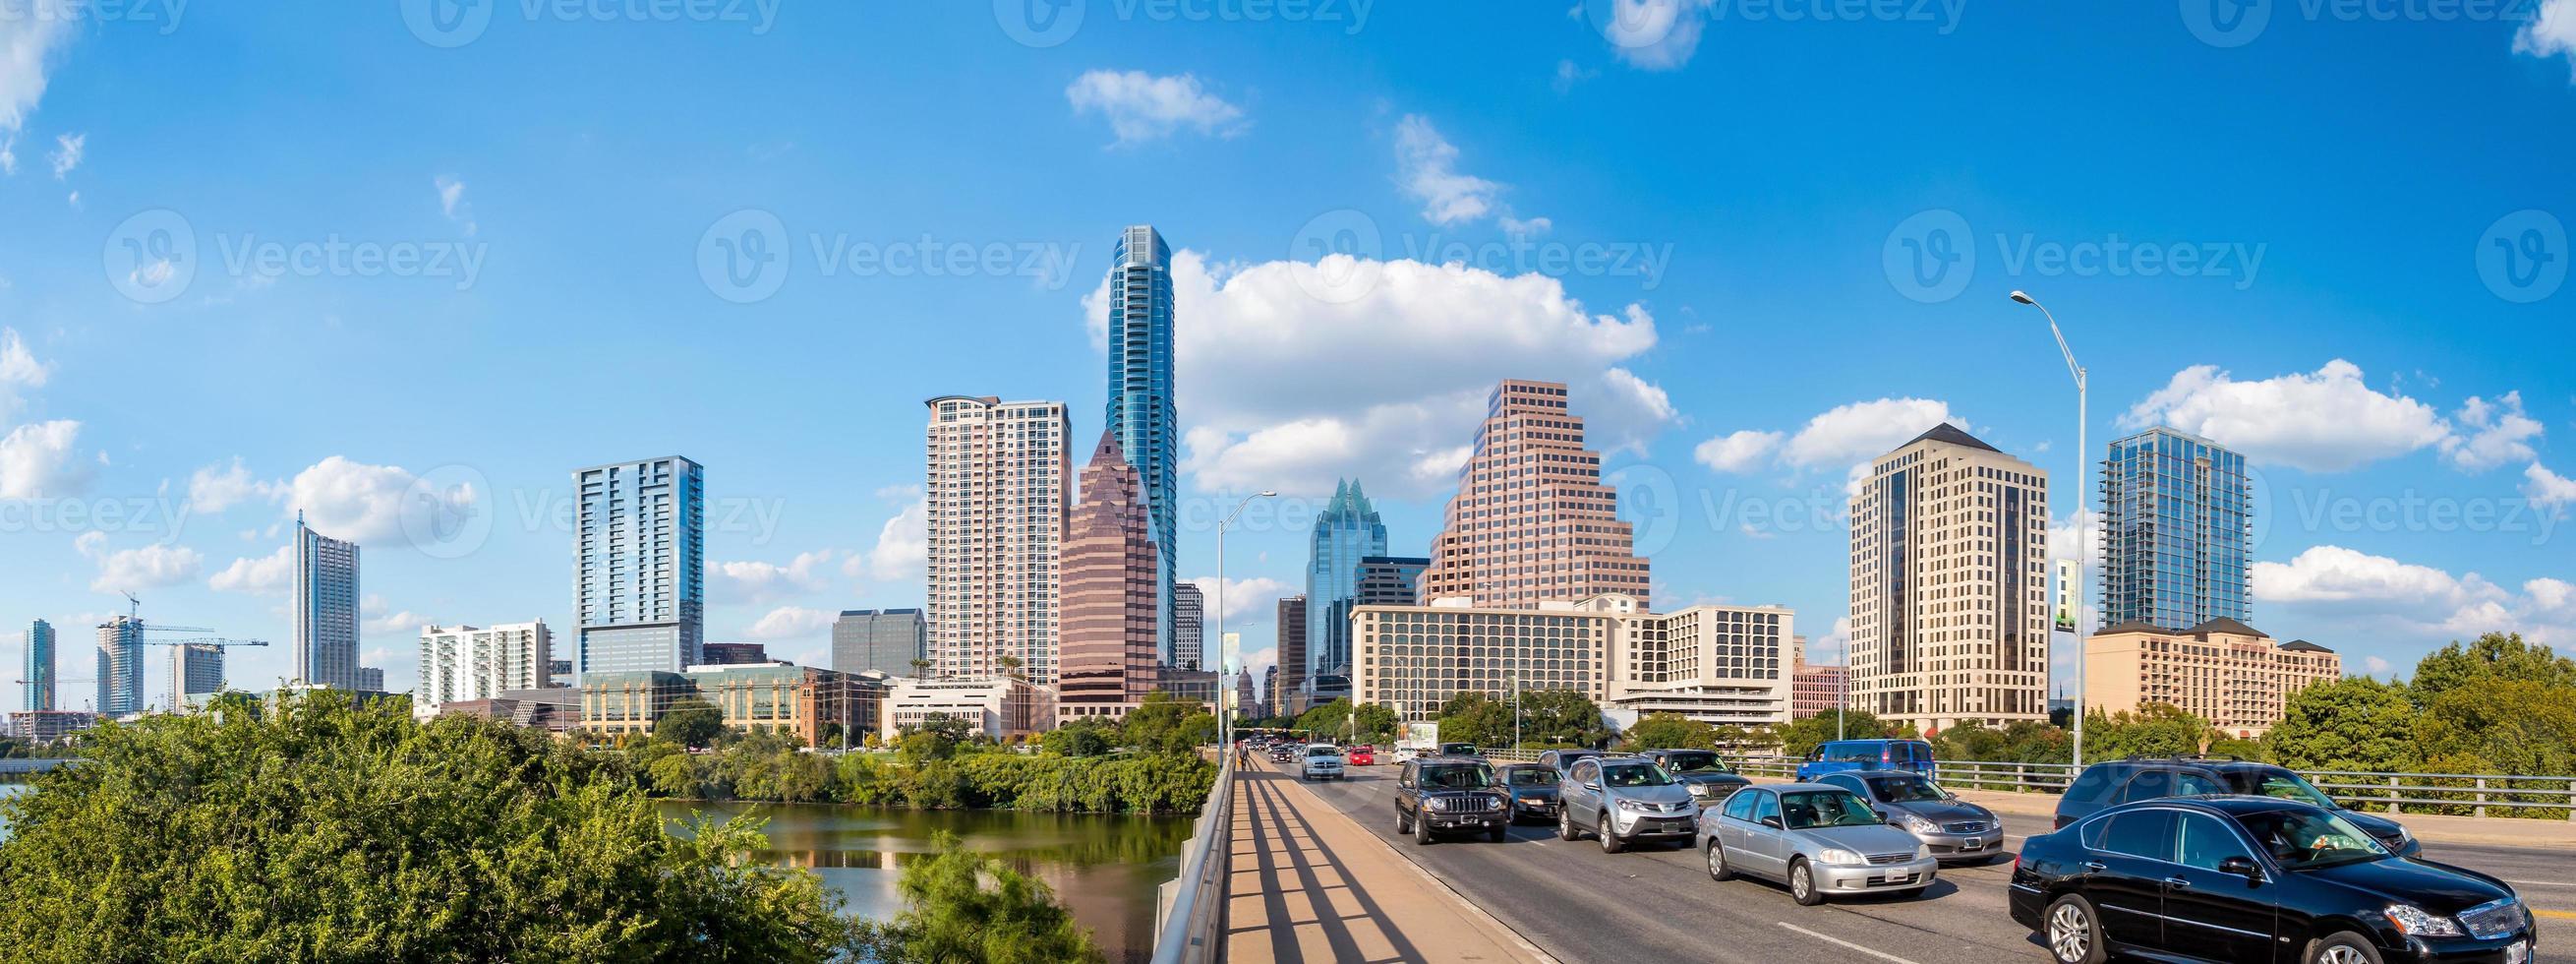 view of Austin, downtown skyline photo